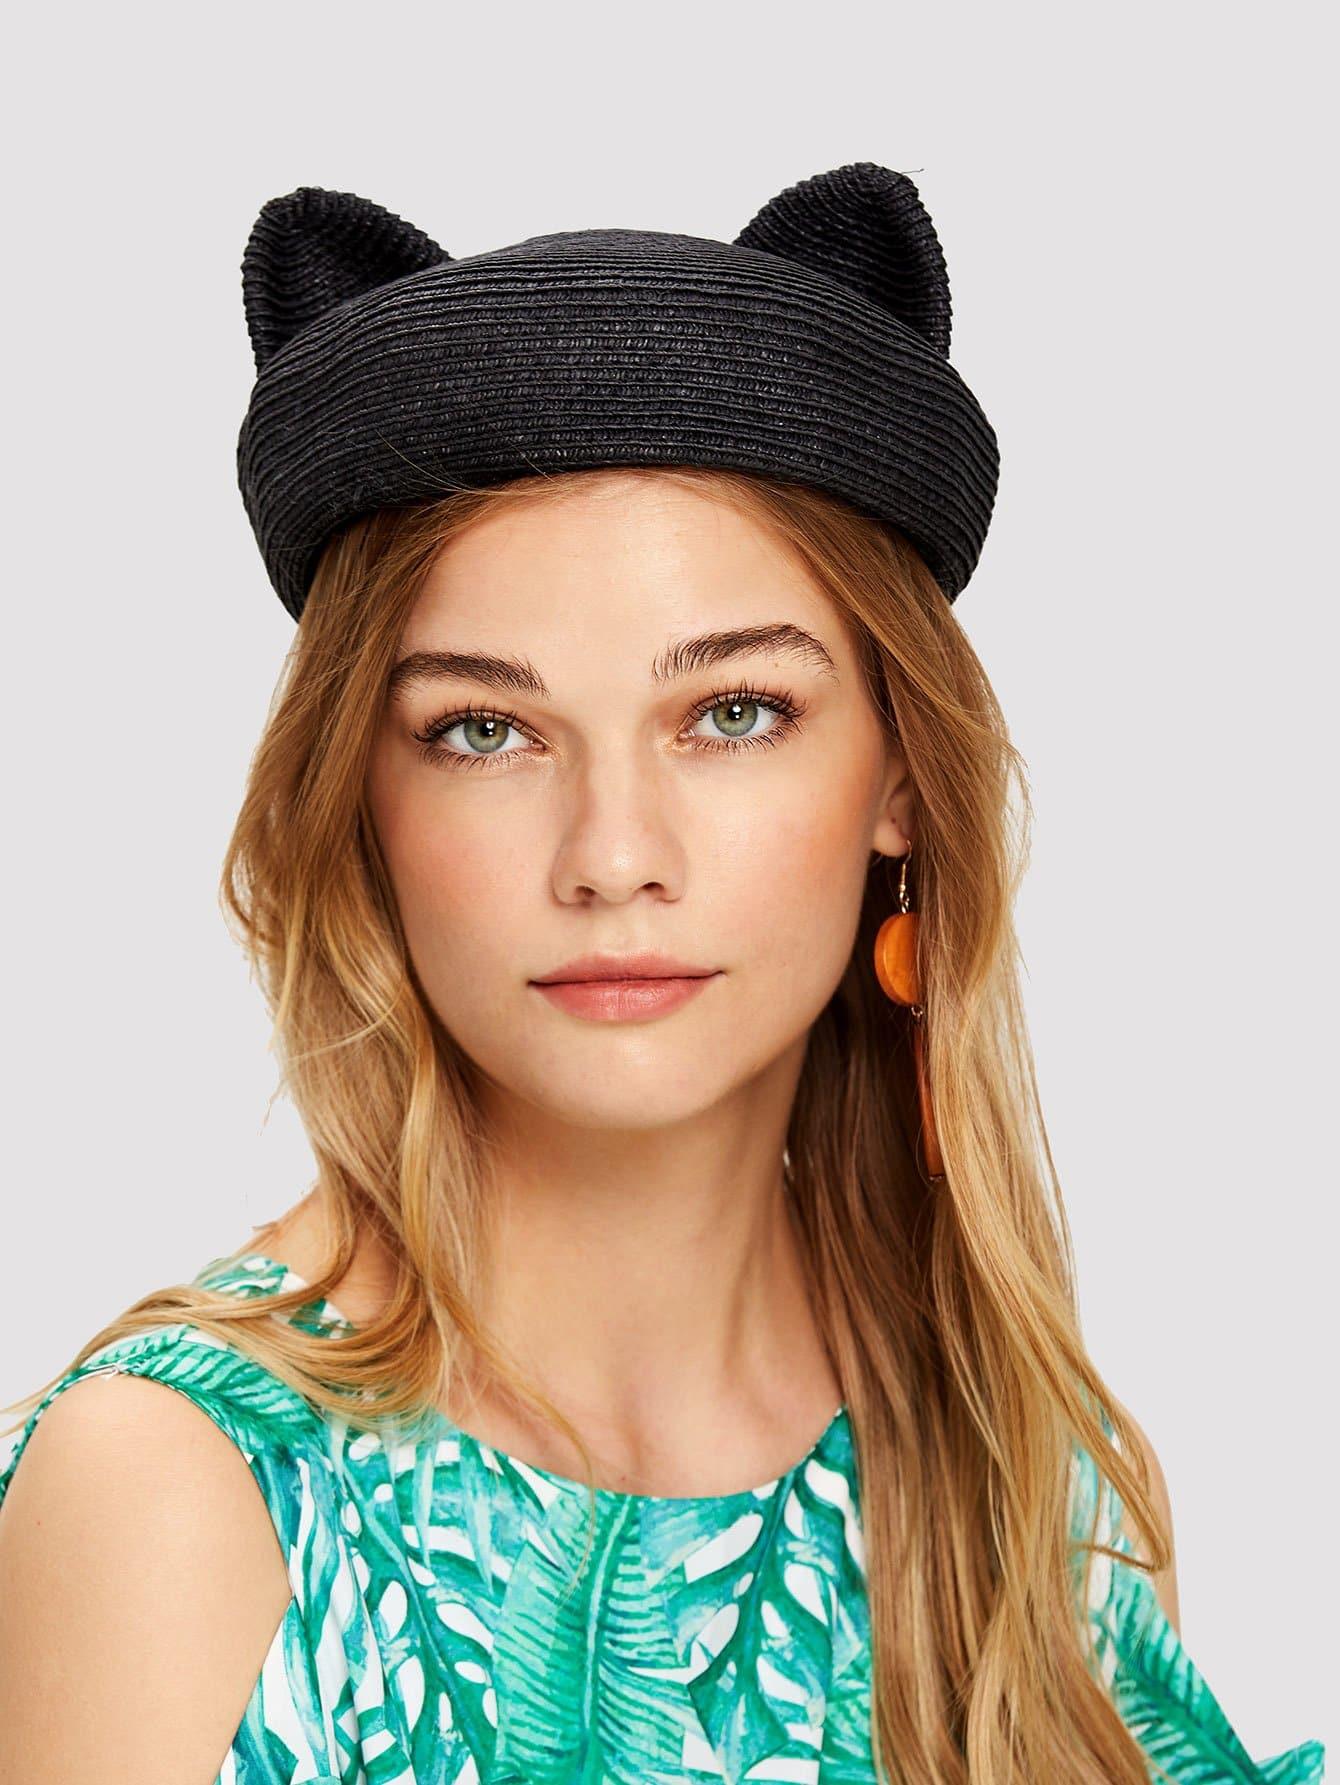 Cute Ear Straw Hat cute style cotton polar fleece warmer ear hat for boy coffee